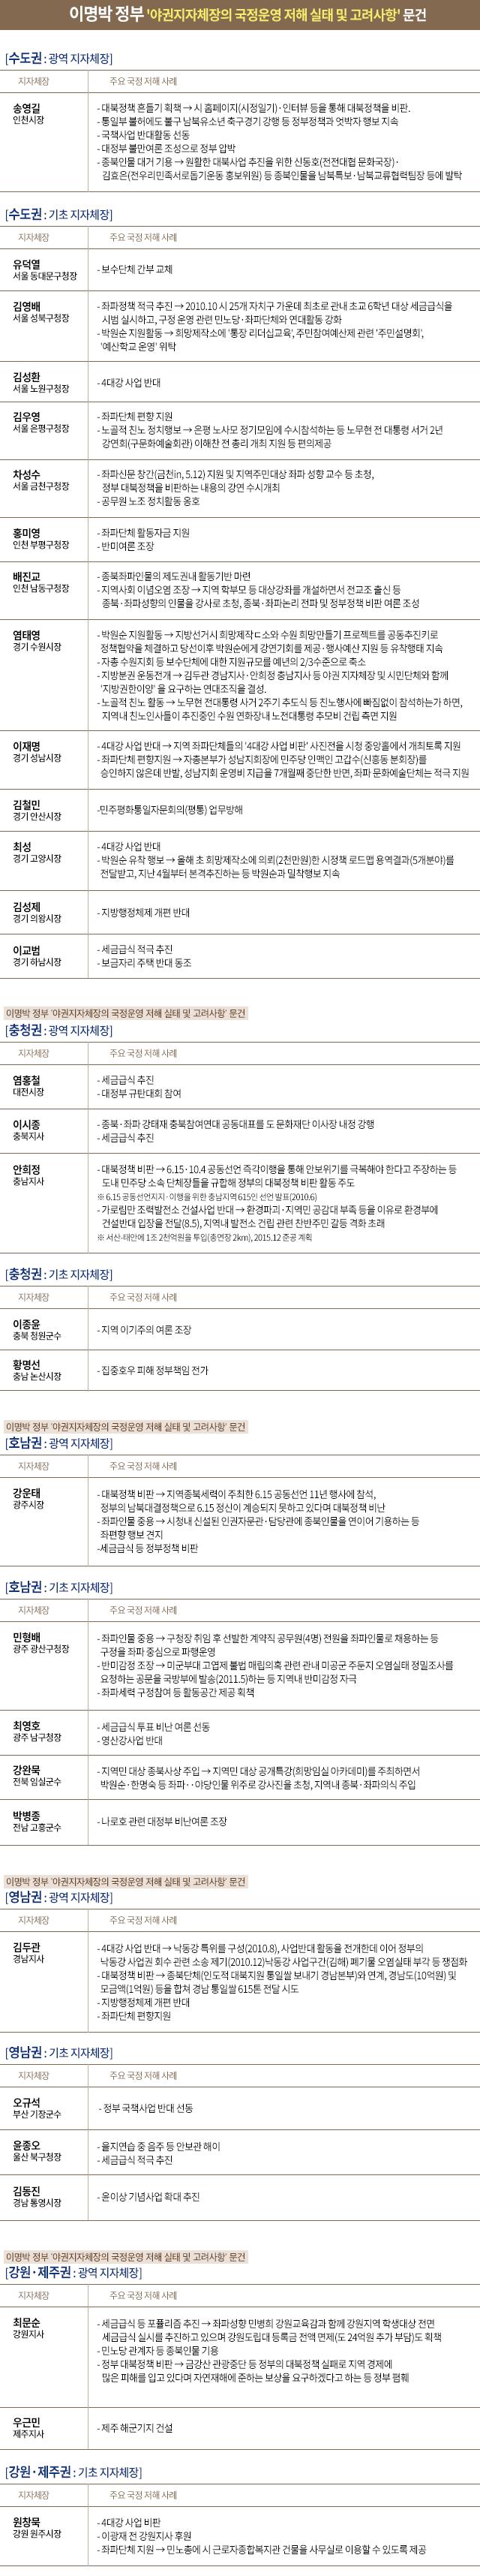 이명박 정부 '야권지자체장의 국정운영 저해 실태 및 고려사항' 문건